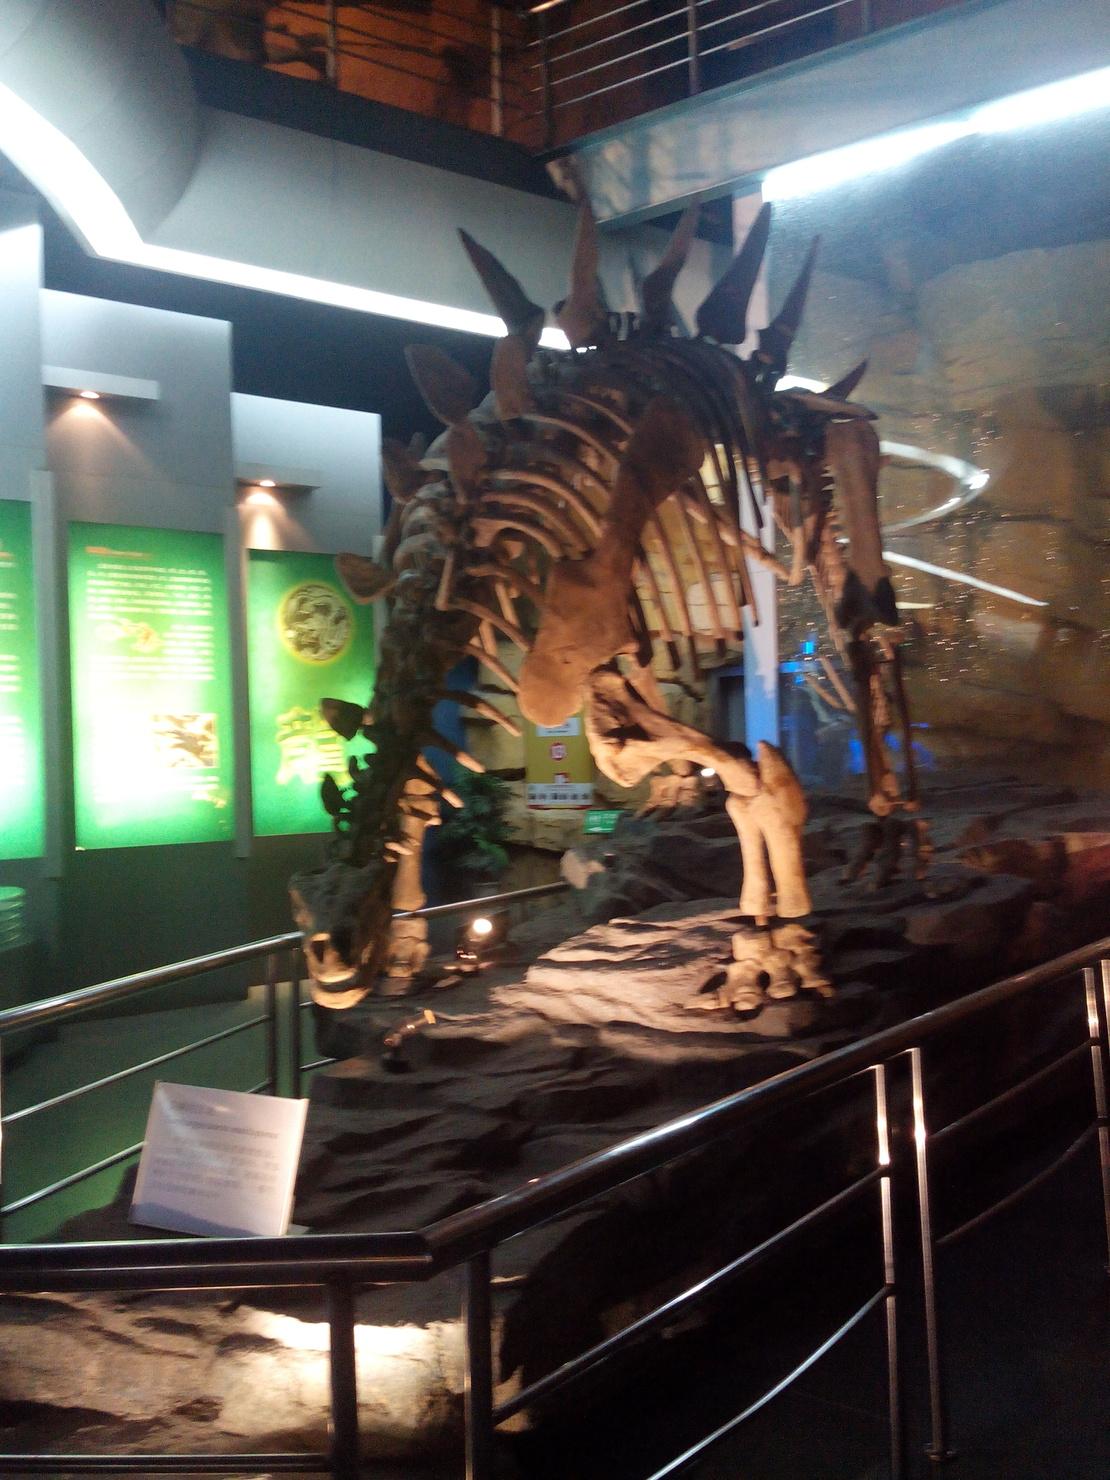 我看见了真正的恐龙化石